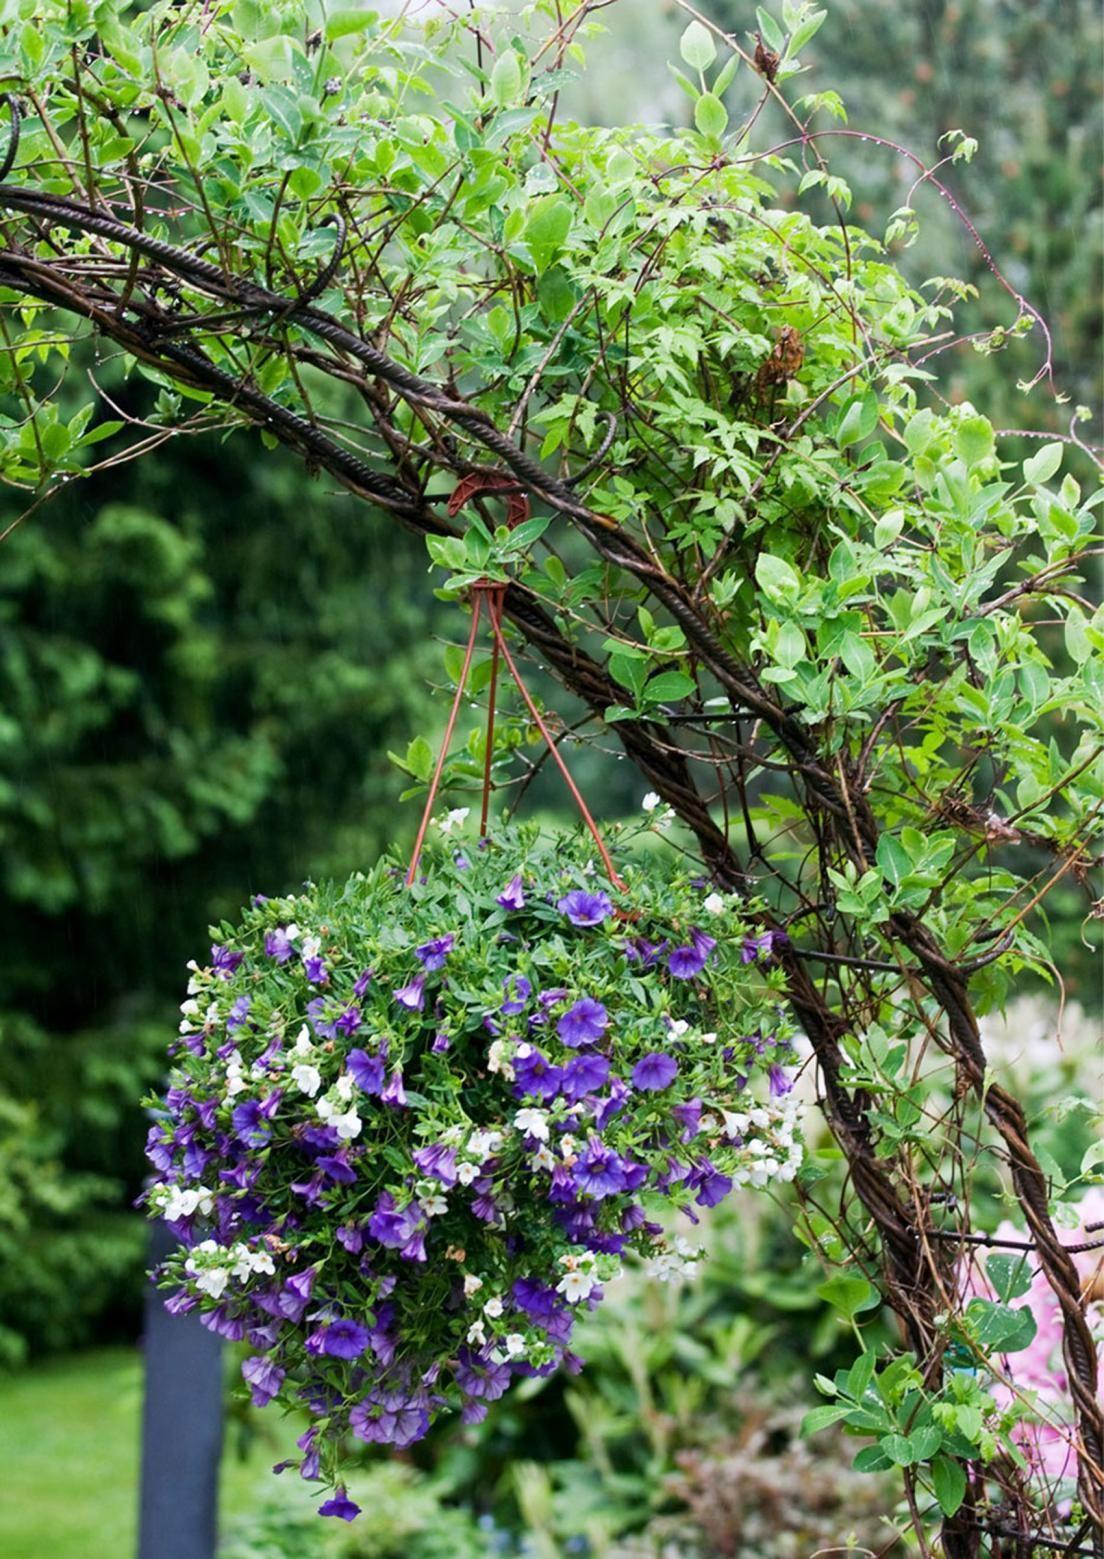 Monet lämpöä vaativat kesäkukat viihtyvät mainiosti ruukkupuutarhassa. Katso Viherpihan vinkit ja poimi parhaat ideat omalle pihalle!